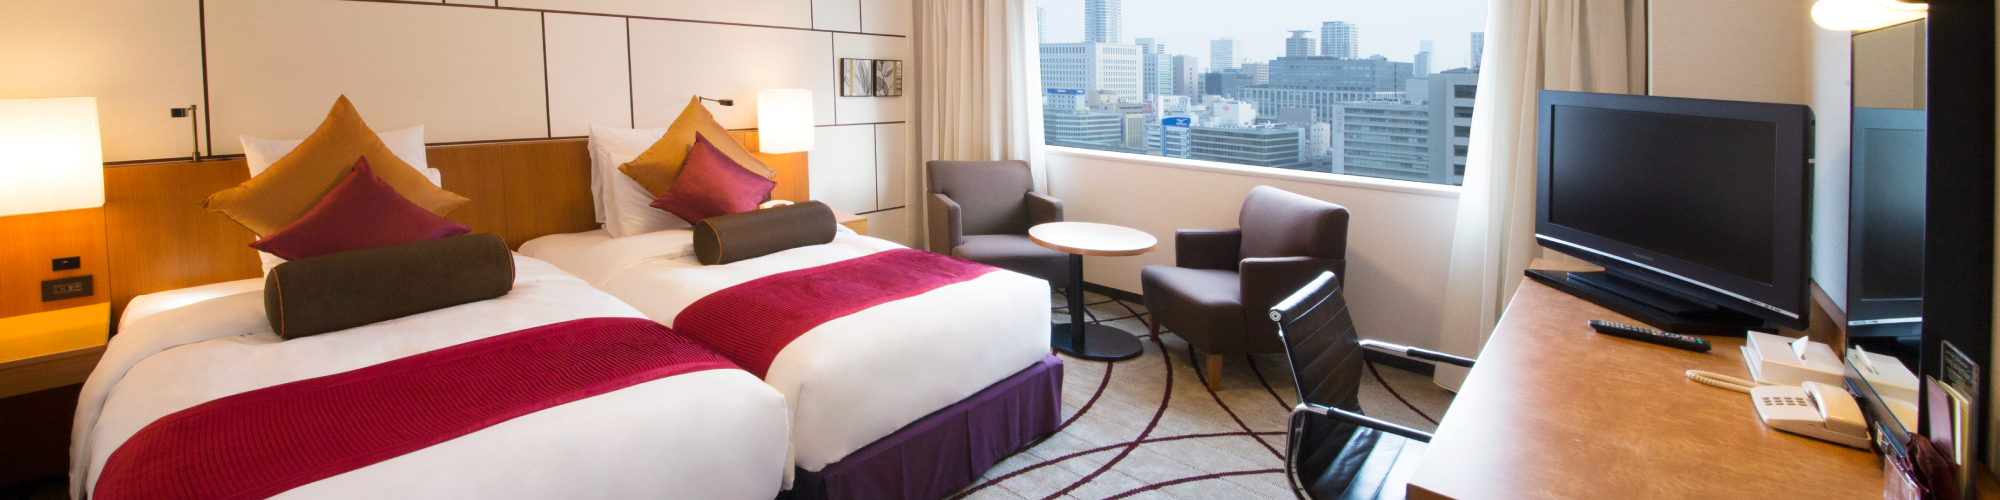 クラウン ホテル ana 大阪 プラザ